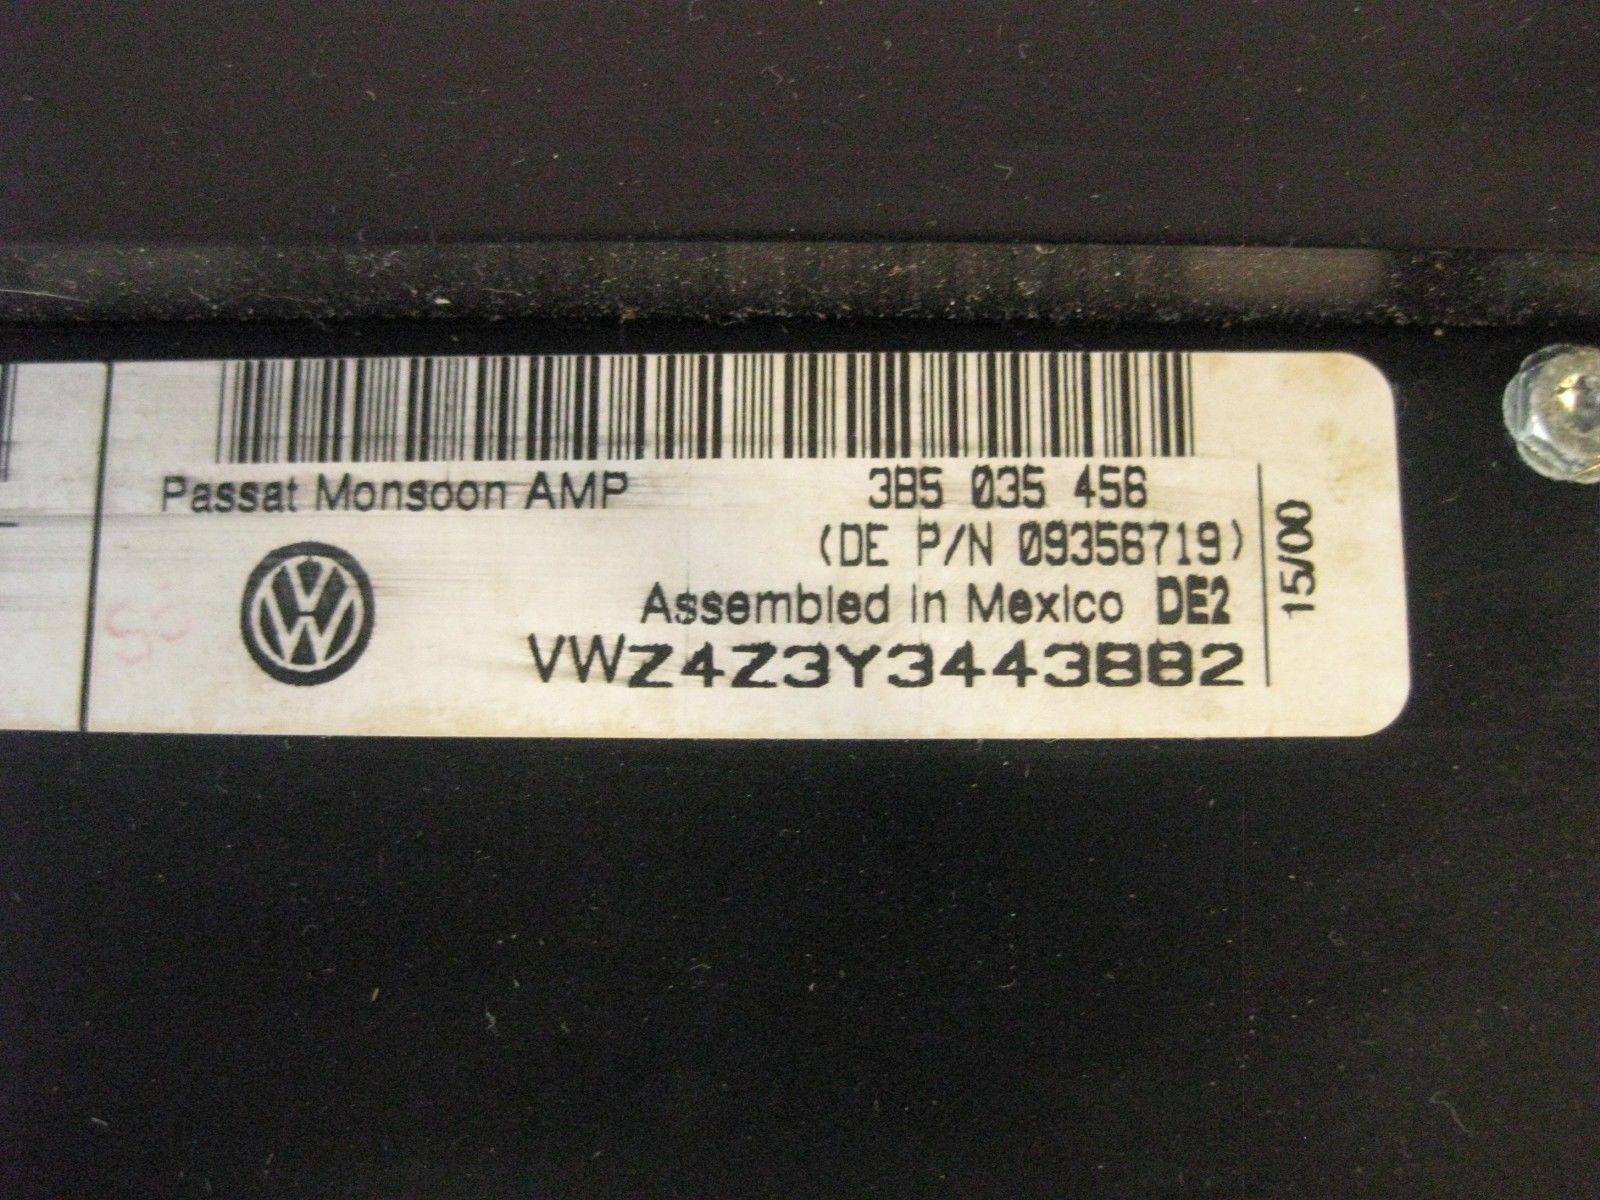 Volkswagen Passat GLS 2001 Amplifier Amp Stereo Radio Audio CD OEM